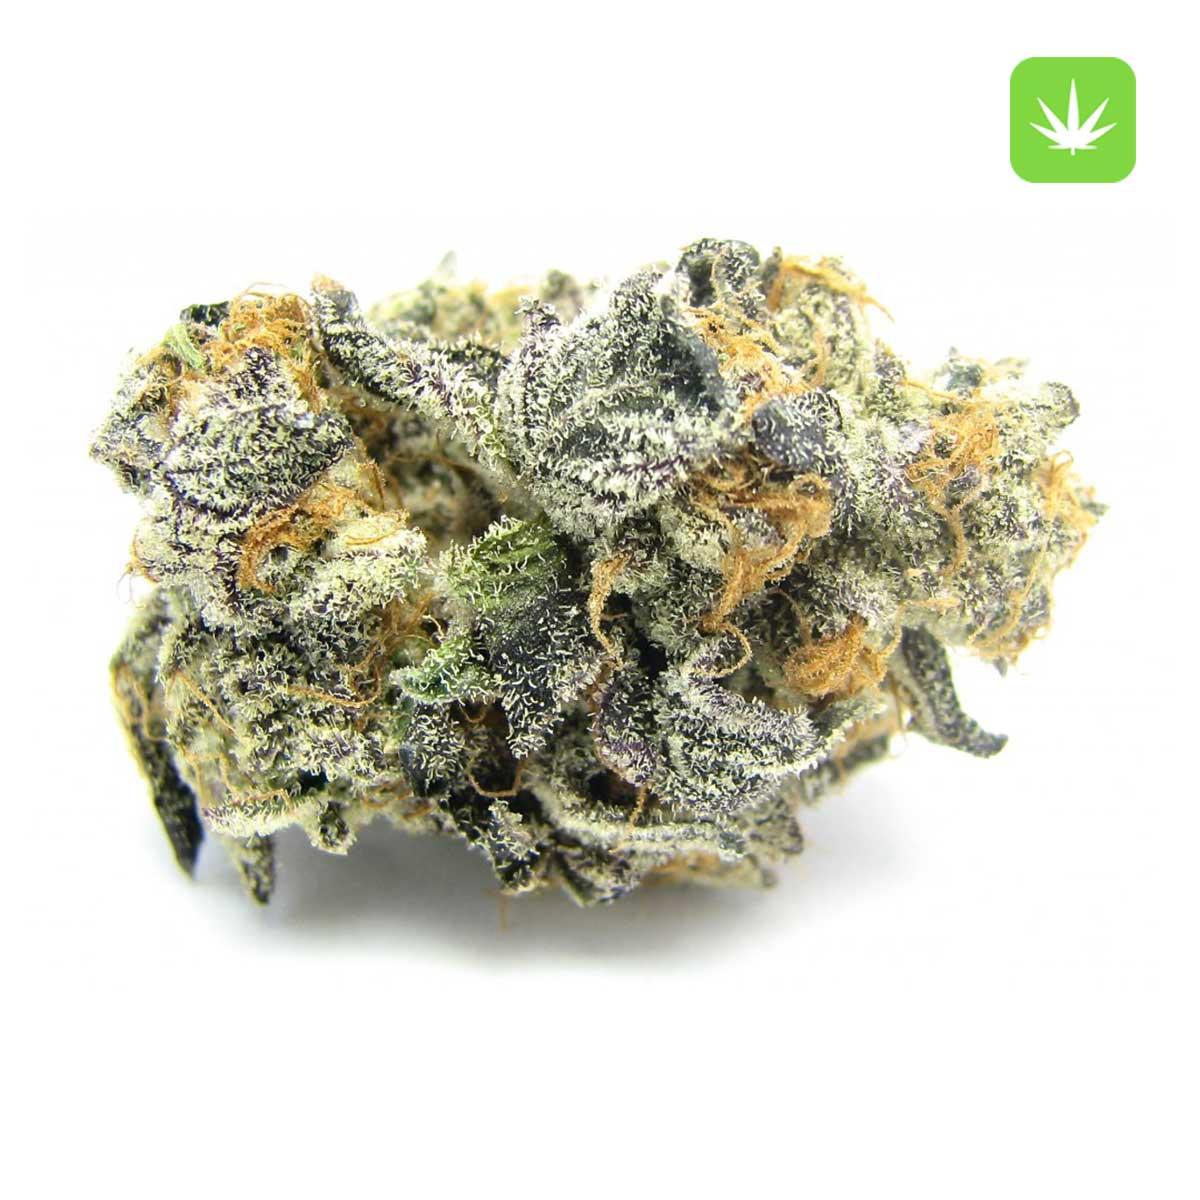 Blue Cookies Cannabis Avenue